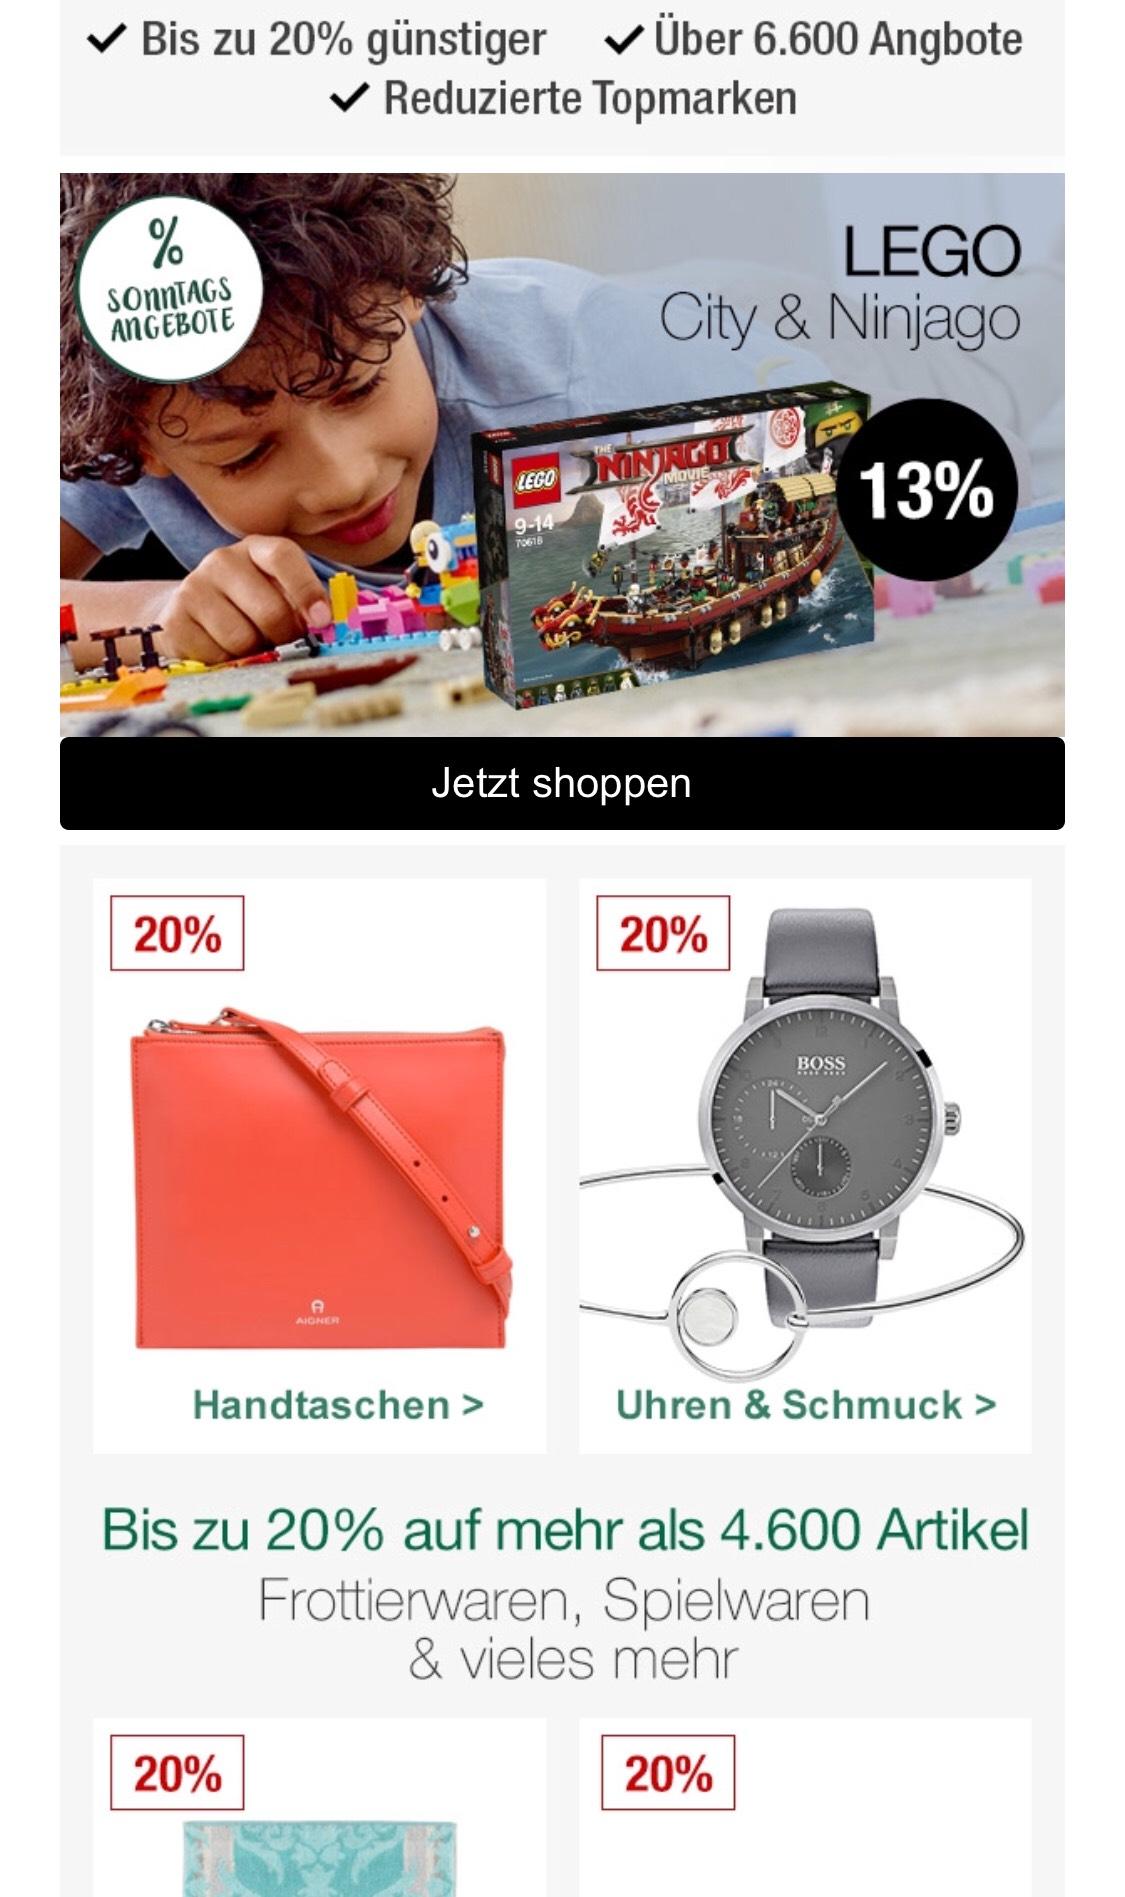 Galeria Kaufhof 20% und Nur heute:  13% auf LEGO  // Filial-News